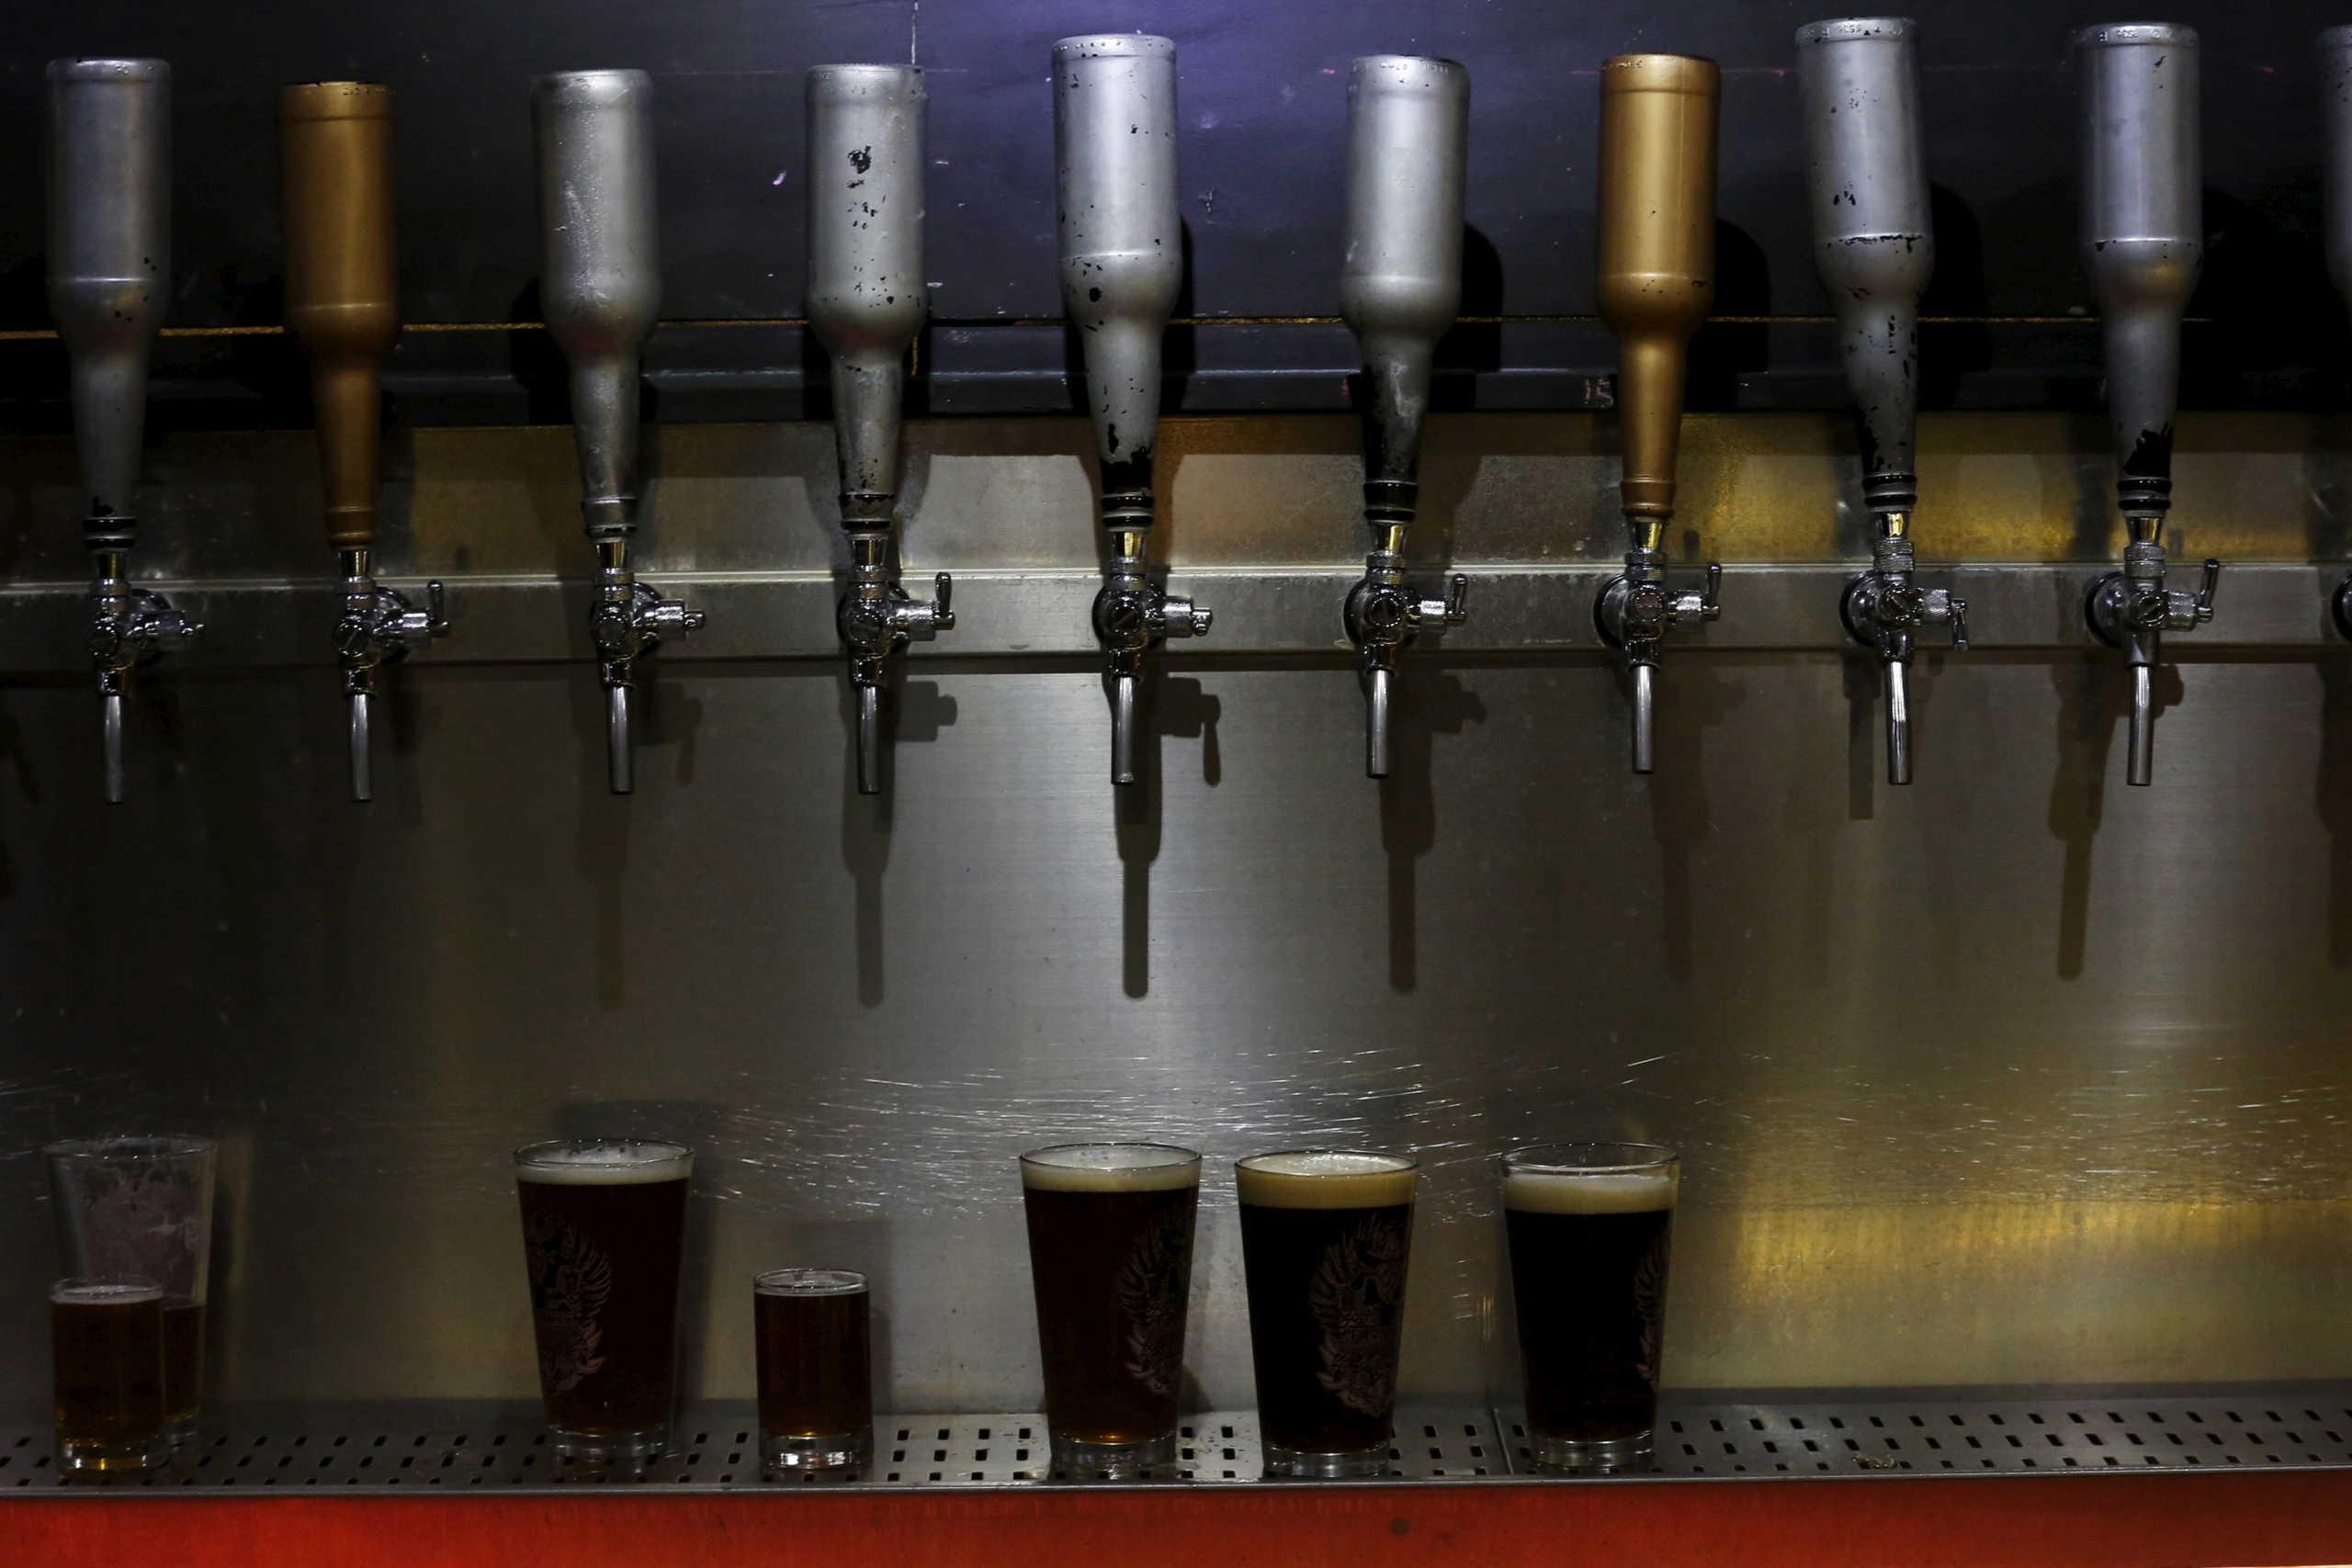 Βέλγιο: Σε κρίση η μπύρα εξαιτίας του κορονοϊού – «Γονάτισαν» οι ζυθοποιίες